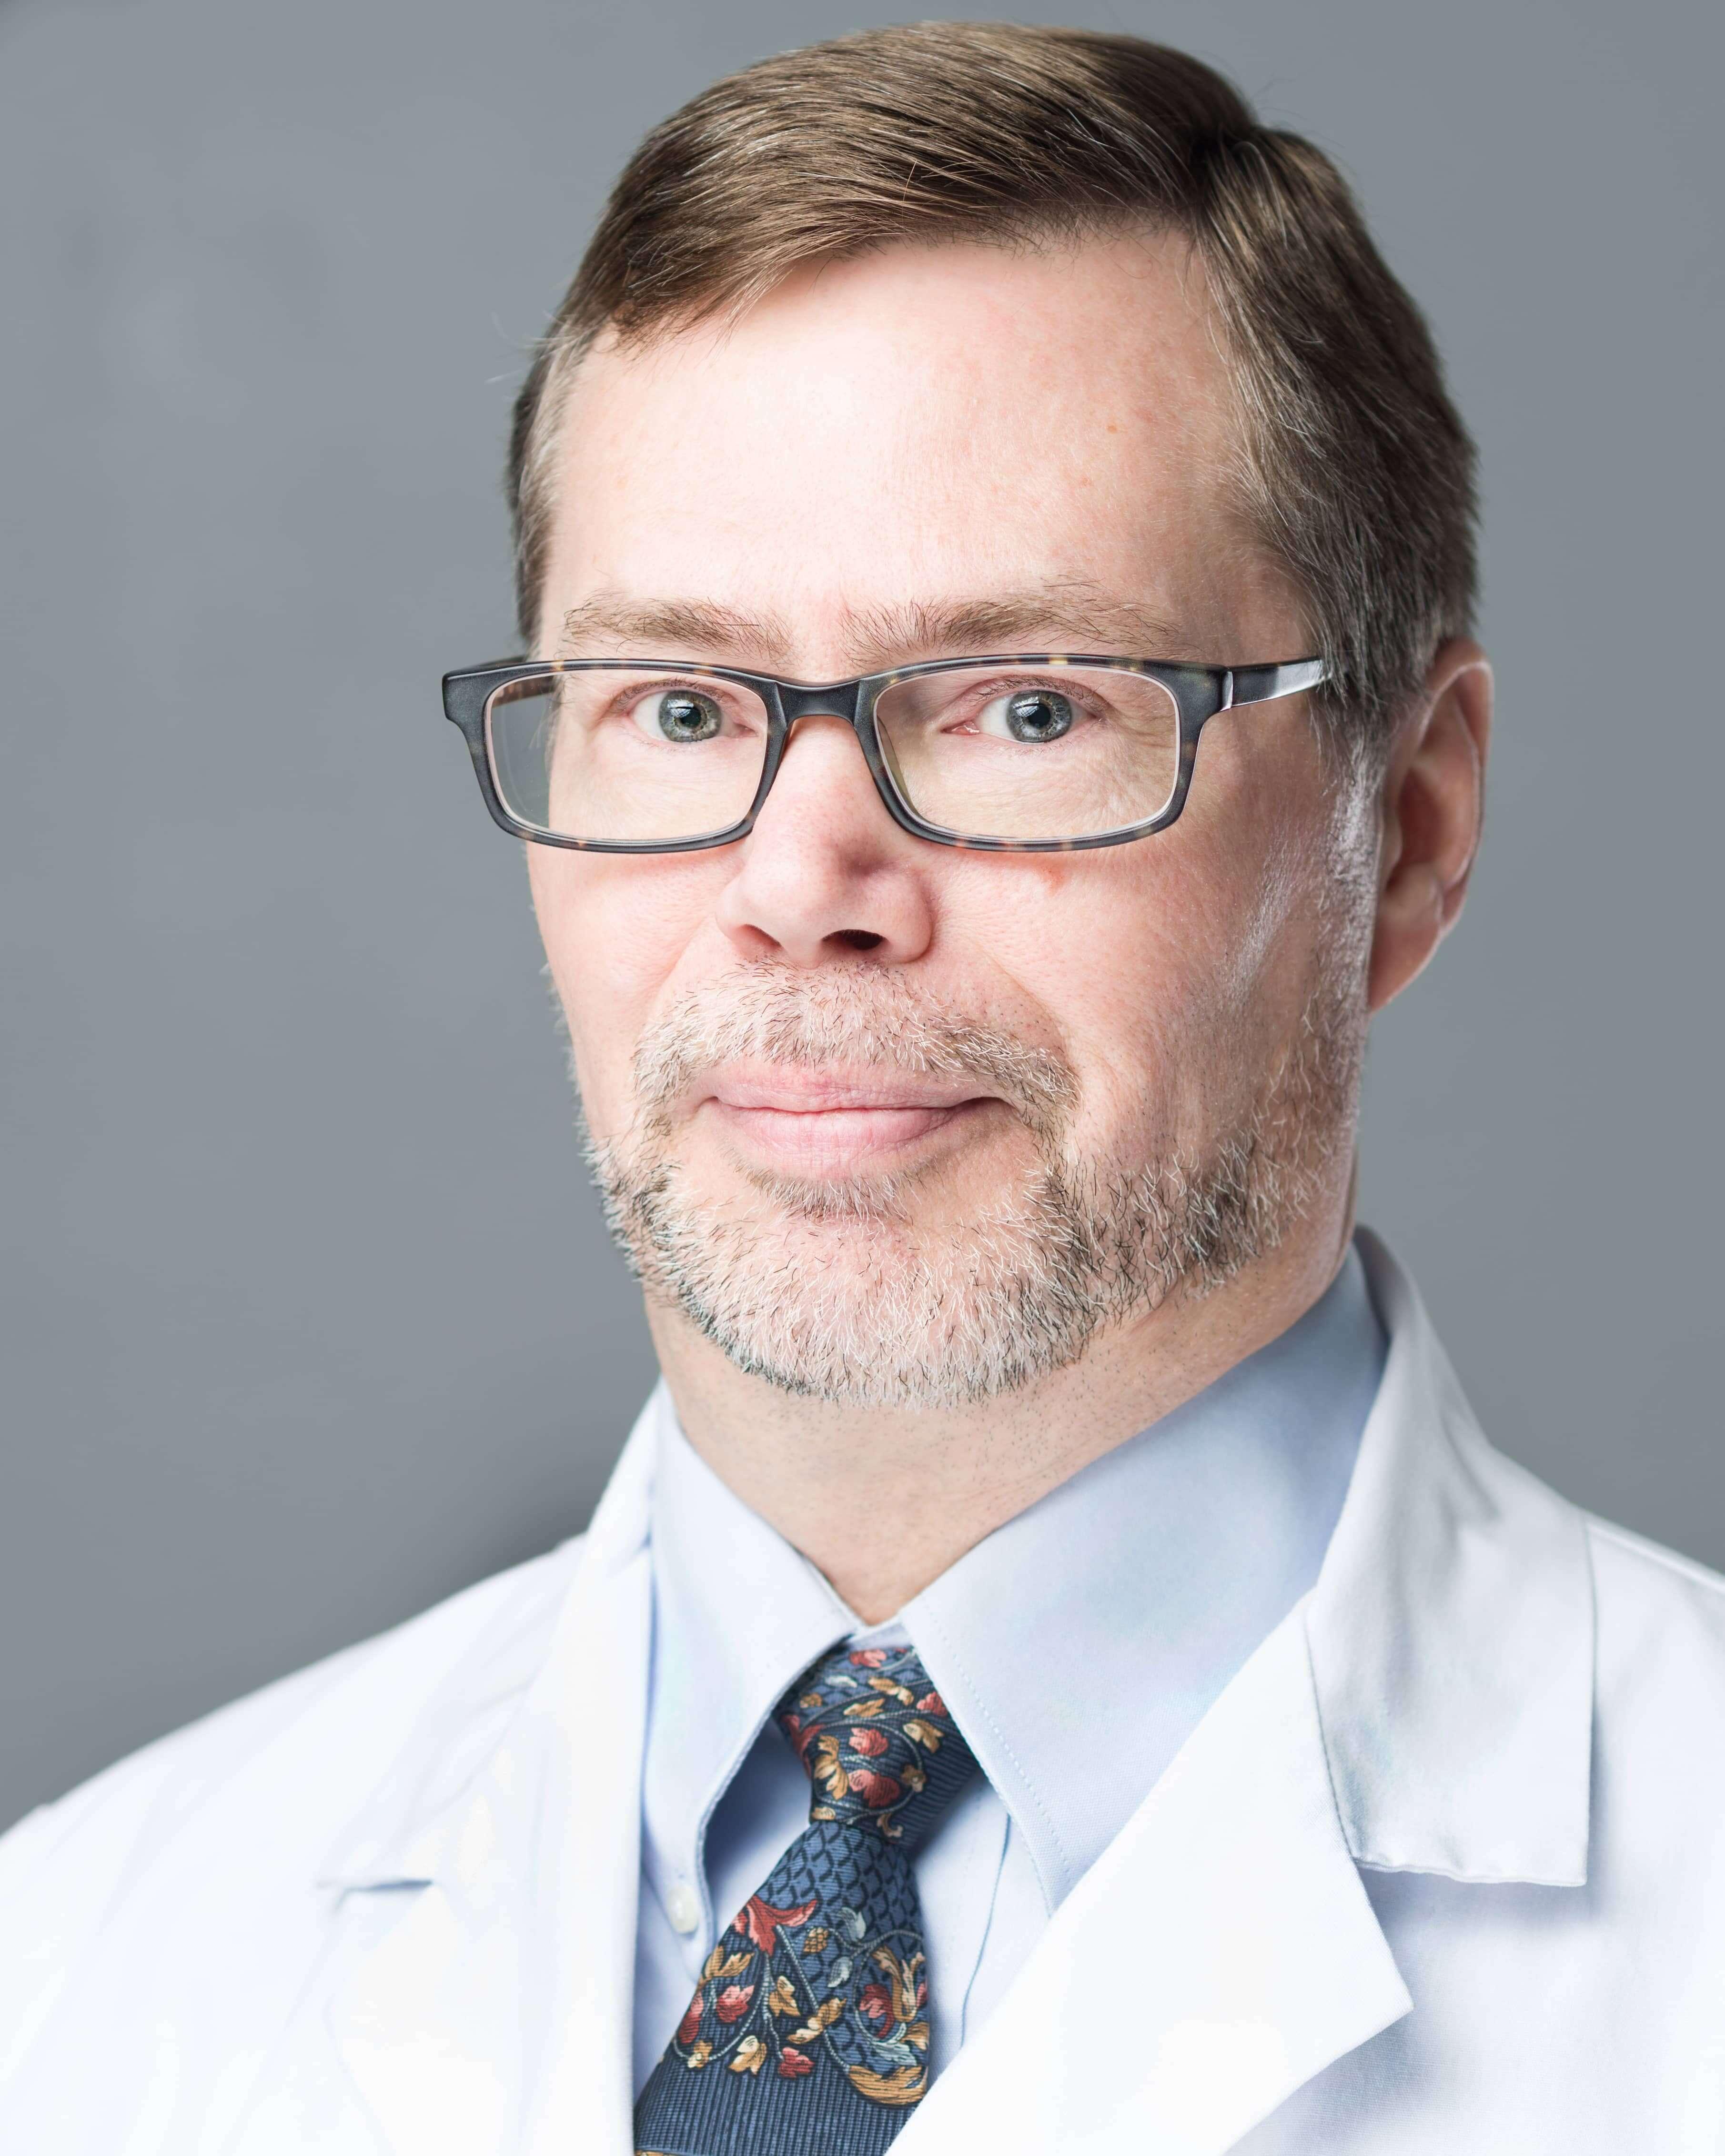 Dr. Paul Little